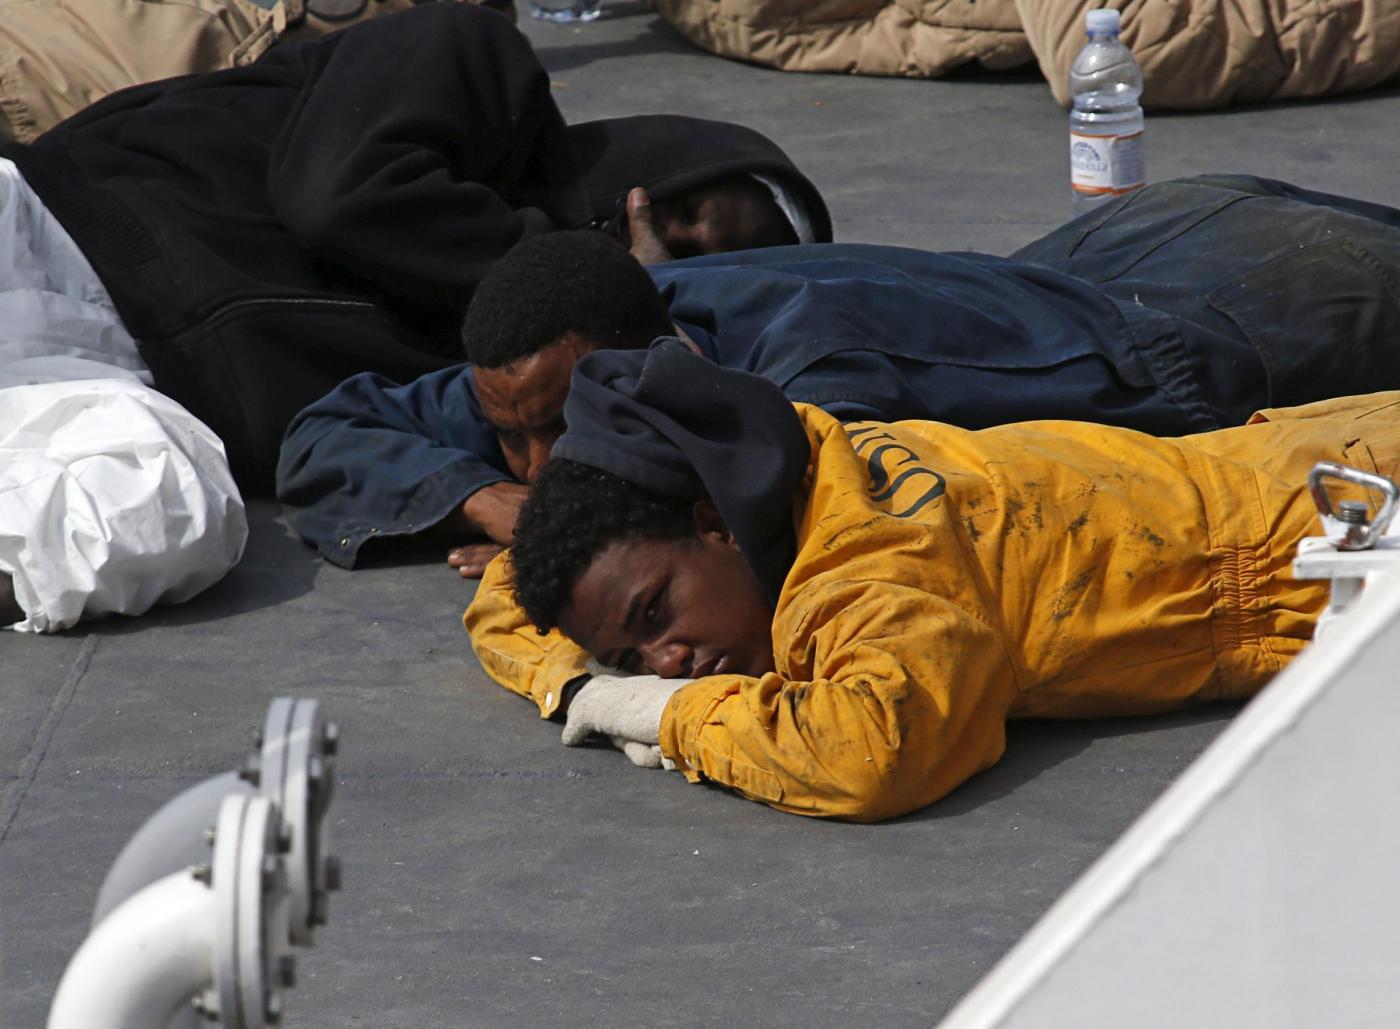 Naufragio a Rodi, 200 migranti a bordo: si temono molte vittime